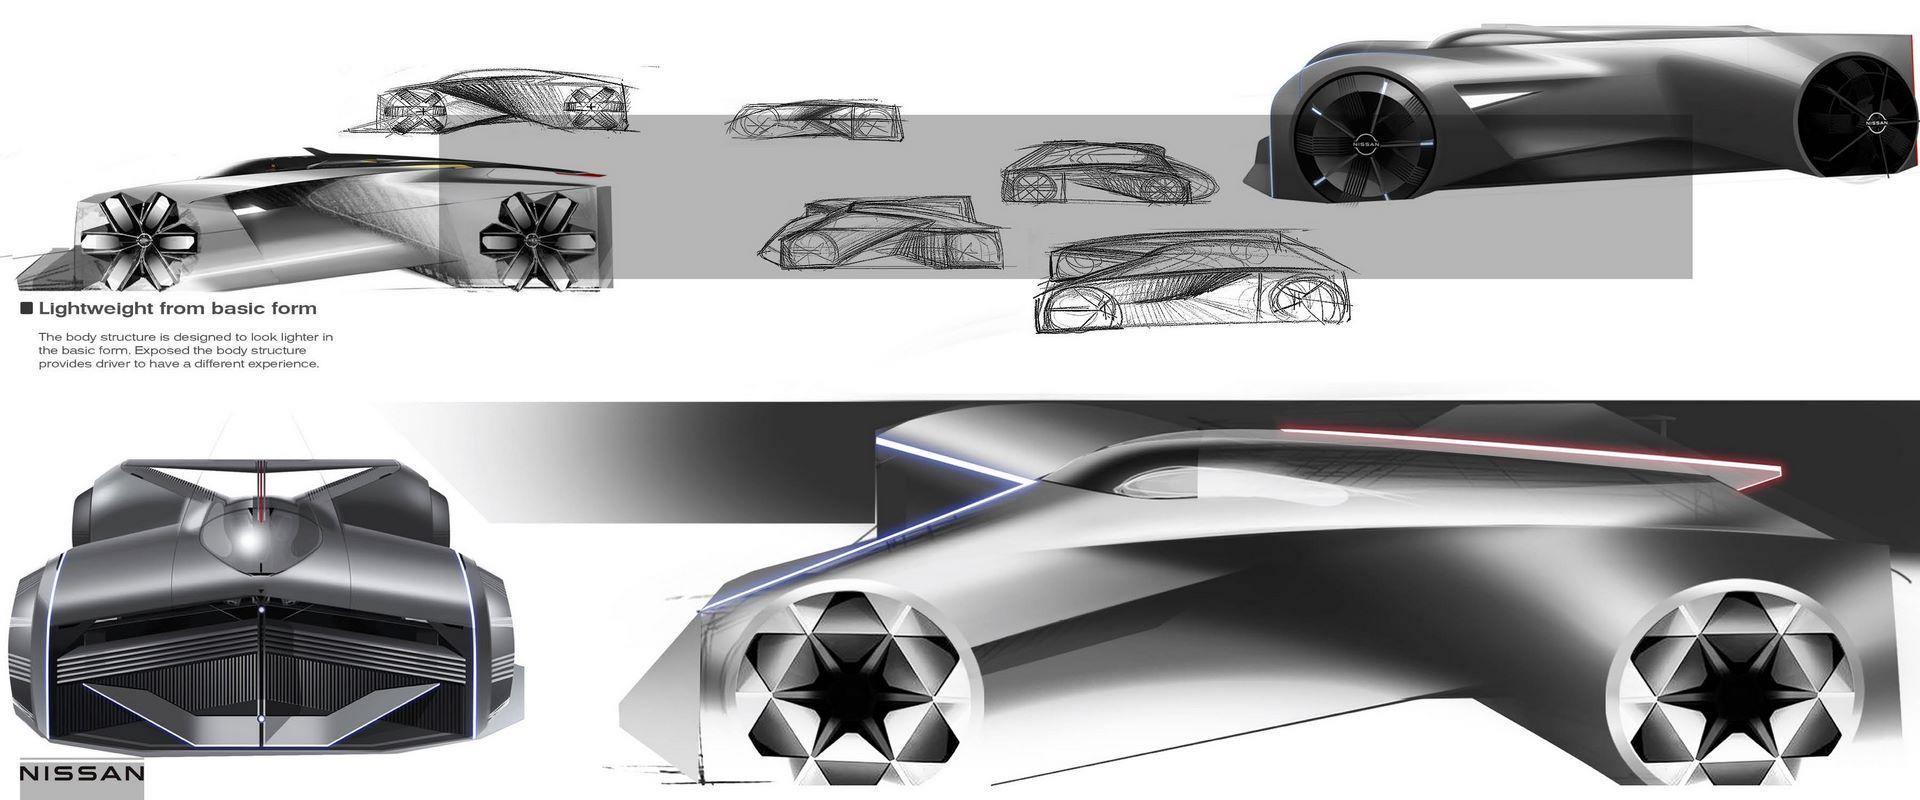 Nissan-GT-R-X-2050-Concept-36